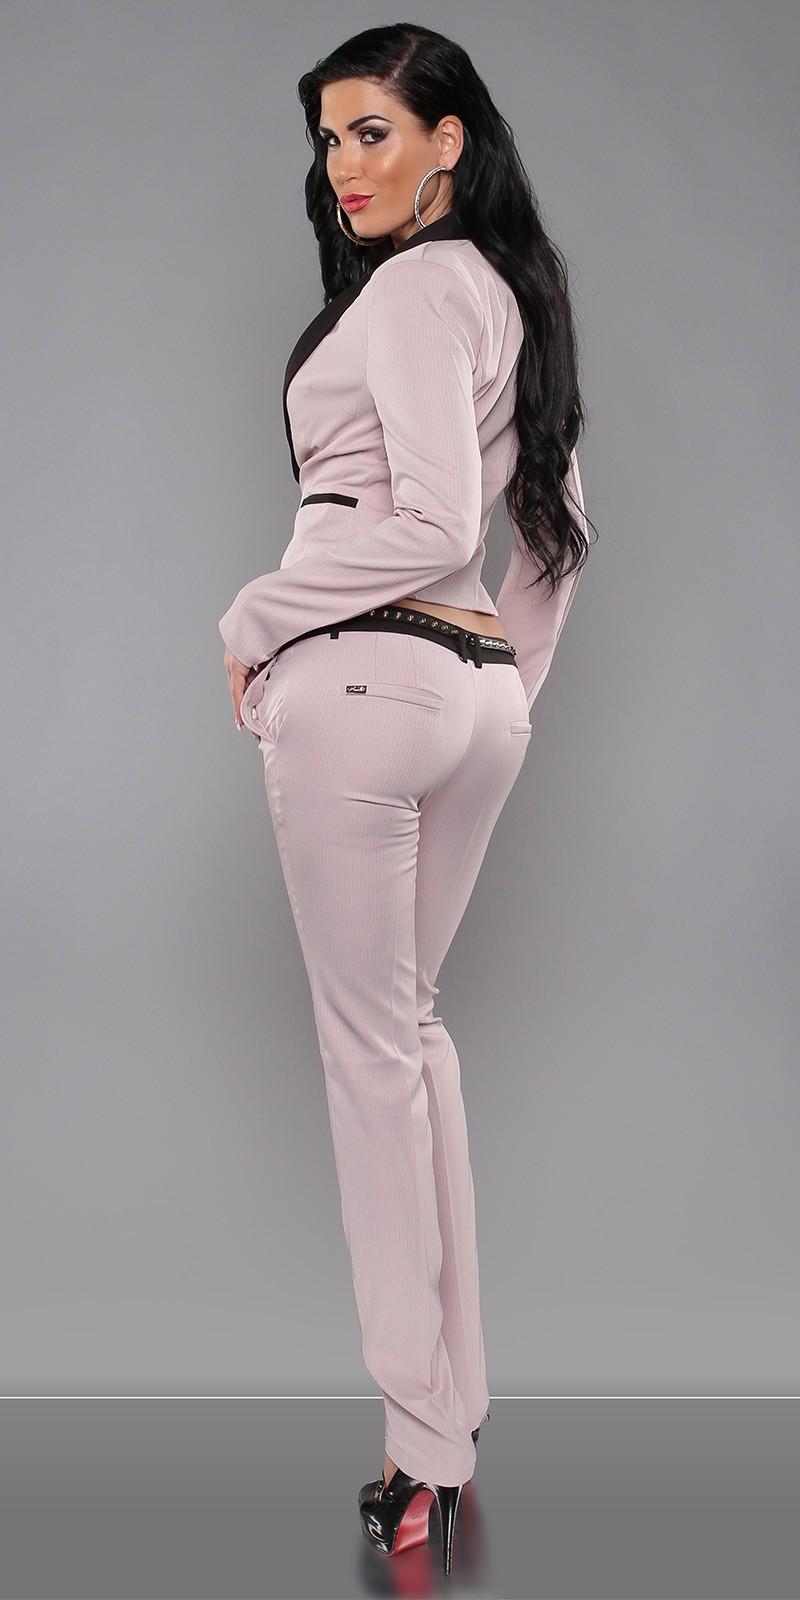 Elegáns női kosztüm nadrág övvel - Mályva (40-42). Az Ön értékelése  a5acb66ef5